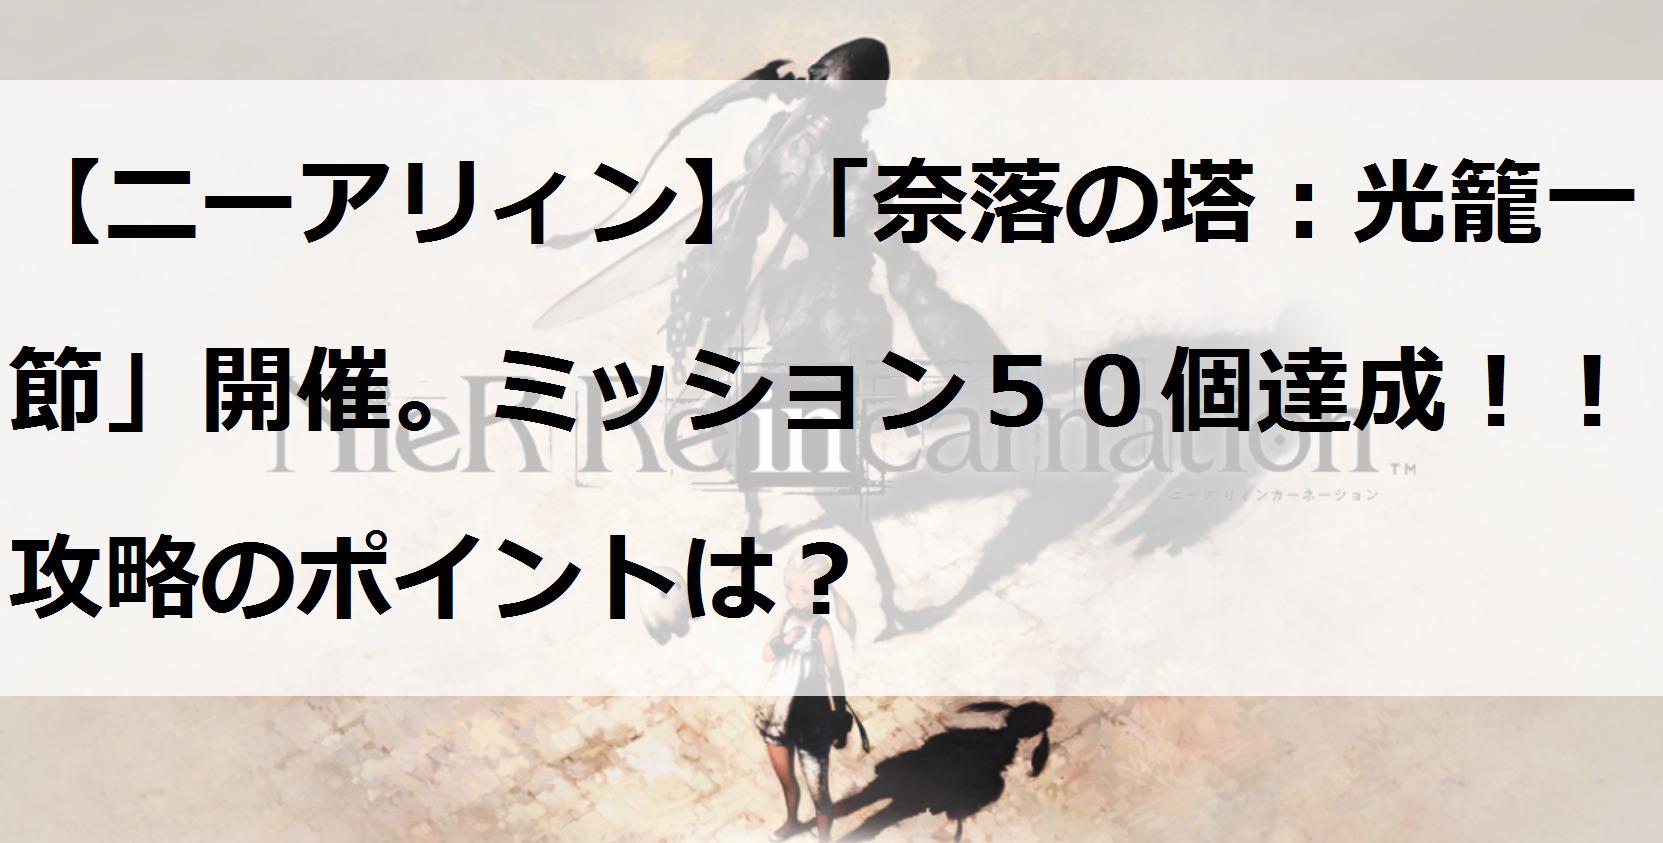 【ニーアリィン】「奈落の塔:光籠一節」開催。ミッション50個達成!!攻略のポイントは?